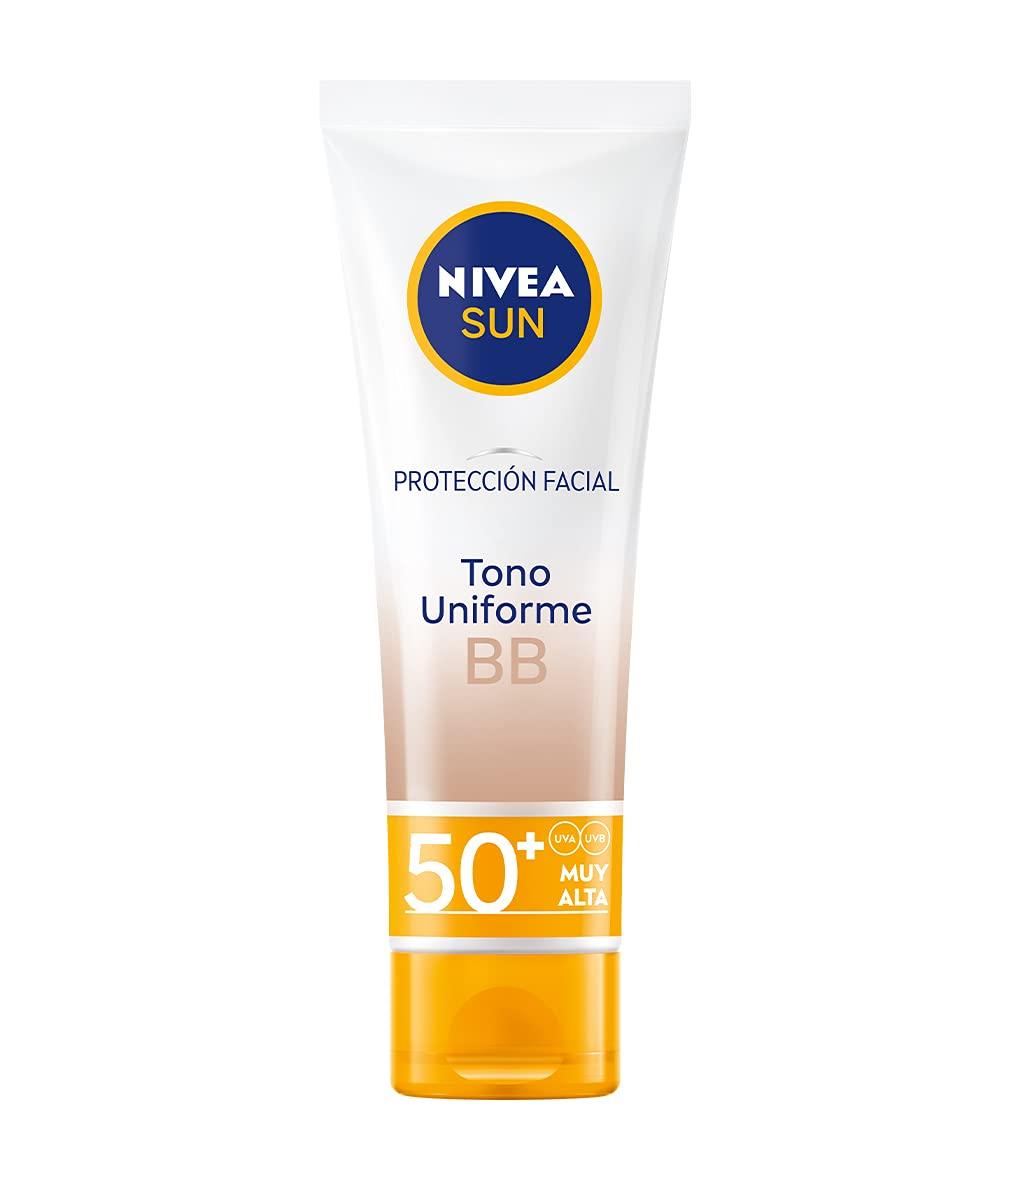 Protección Facial BB Antiedad FP50+, 50ml